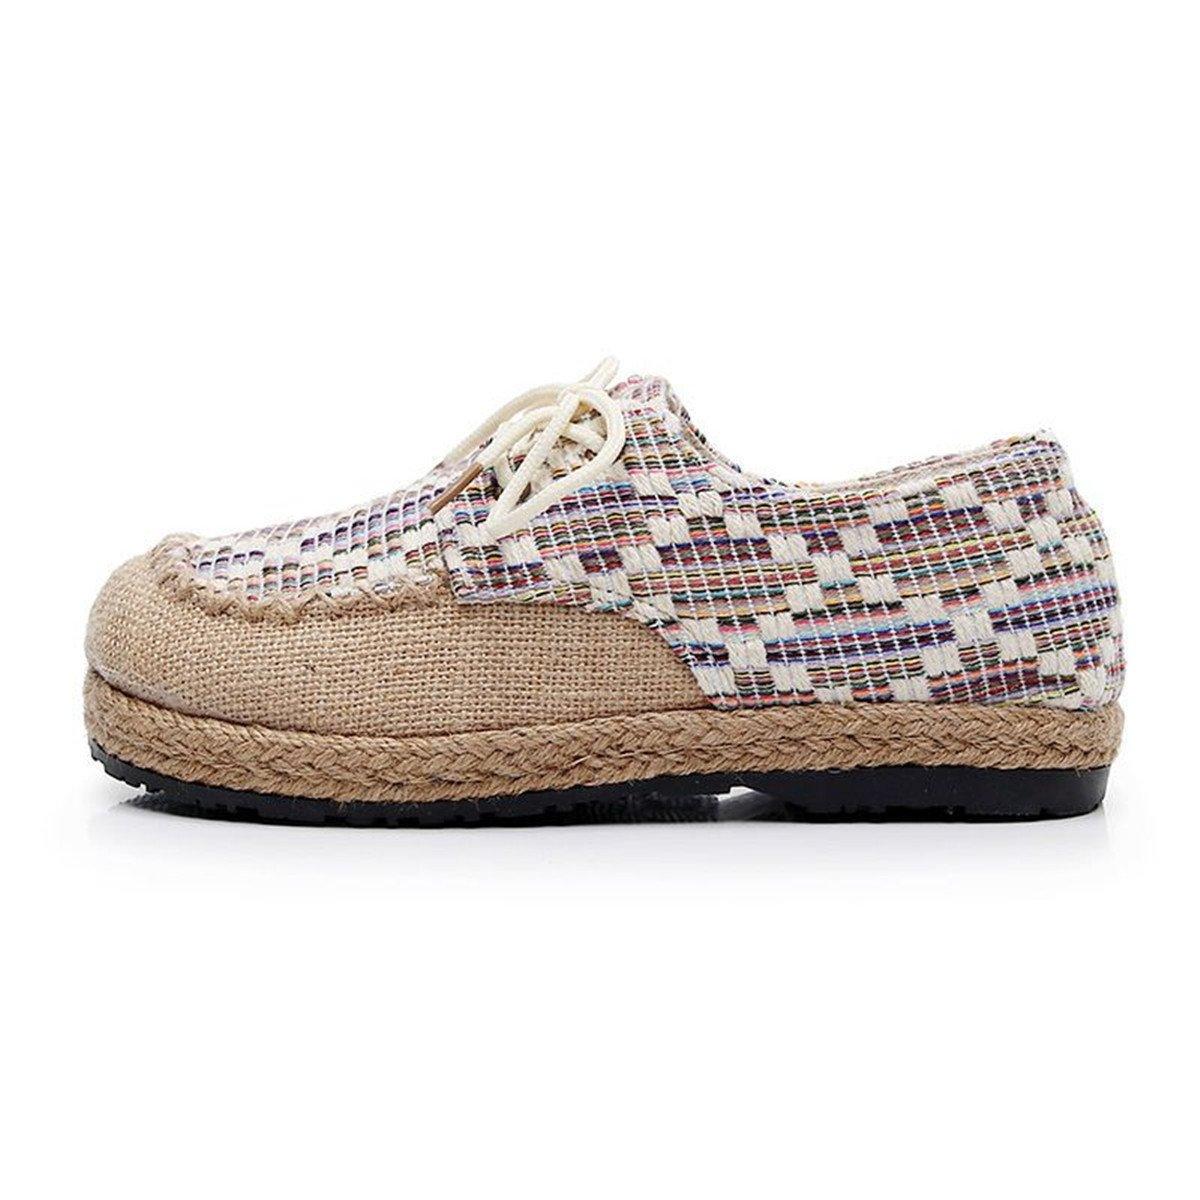 Femme Eté Sandales | | Chaussures Chers chaussures | de de toile épaisse à tête ronde | avec les élèves, les chaussures chaussures de toile respirante système avec une simple | women s chaussures sandales white 9e1cd5e - gis9ma7le.space